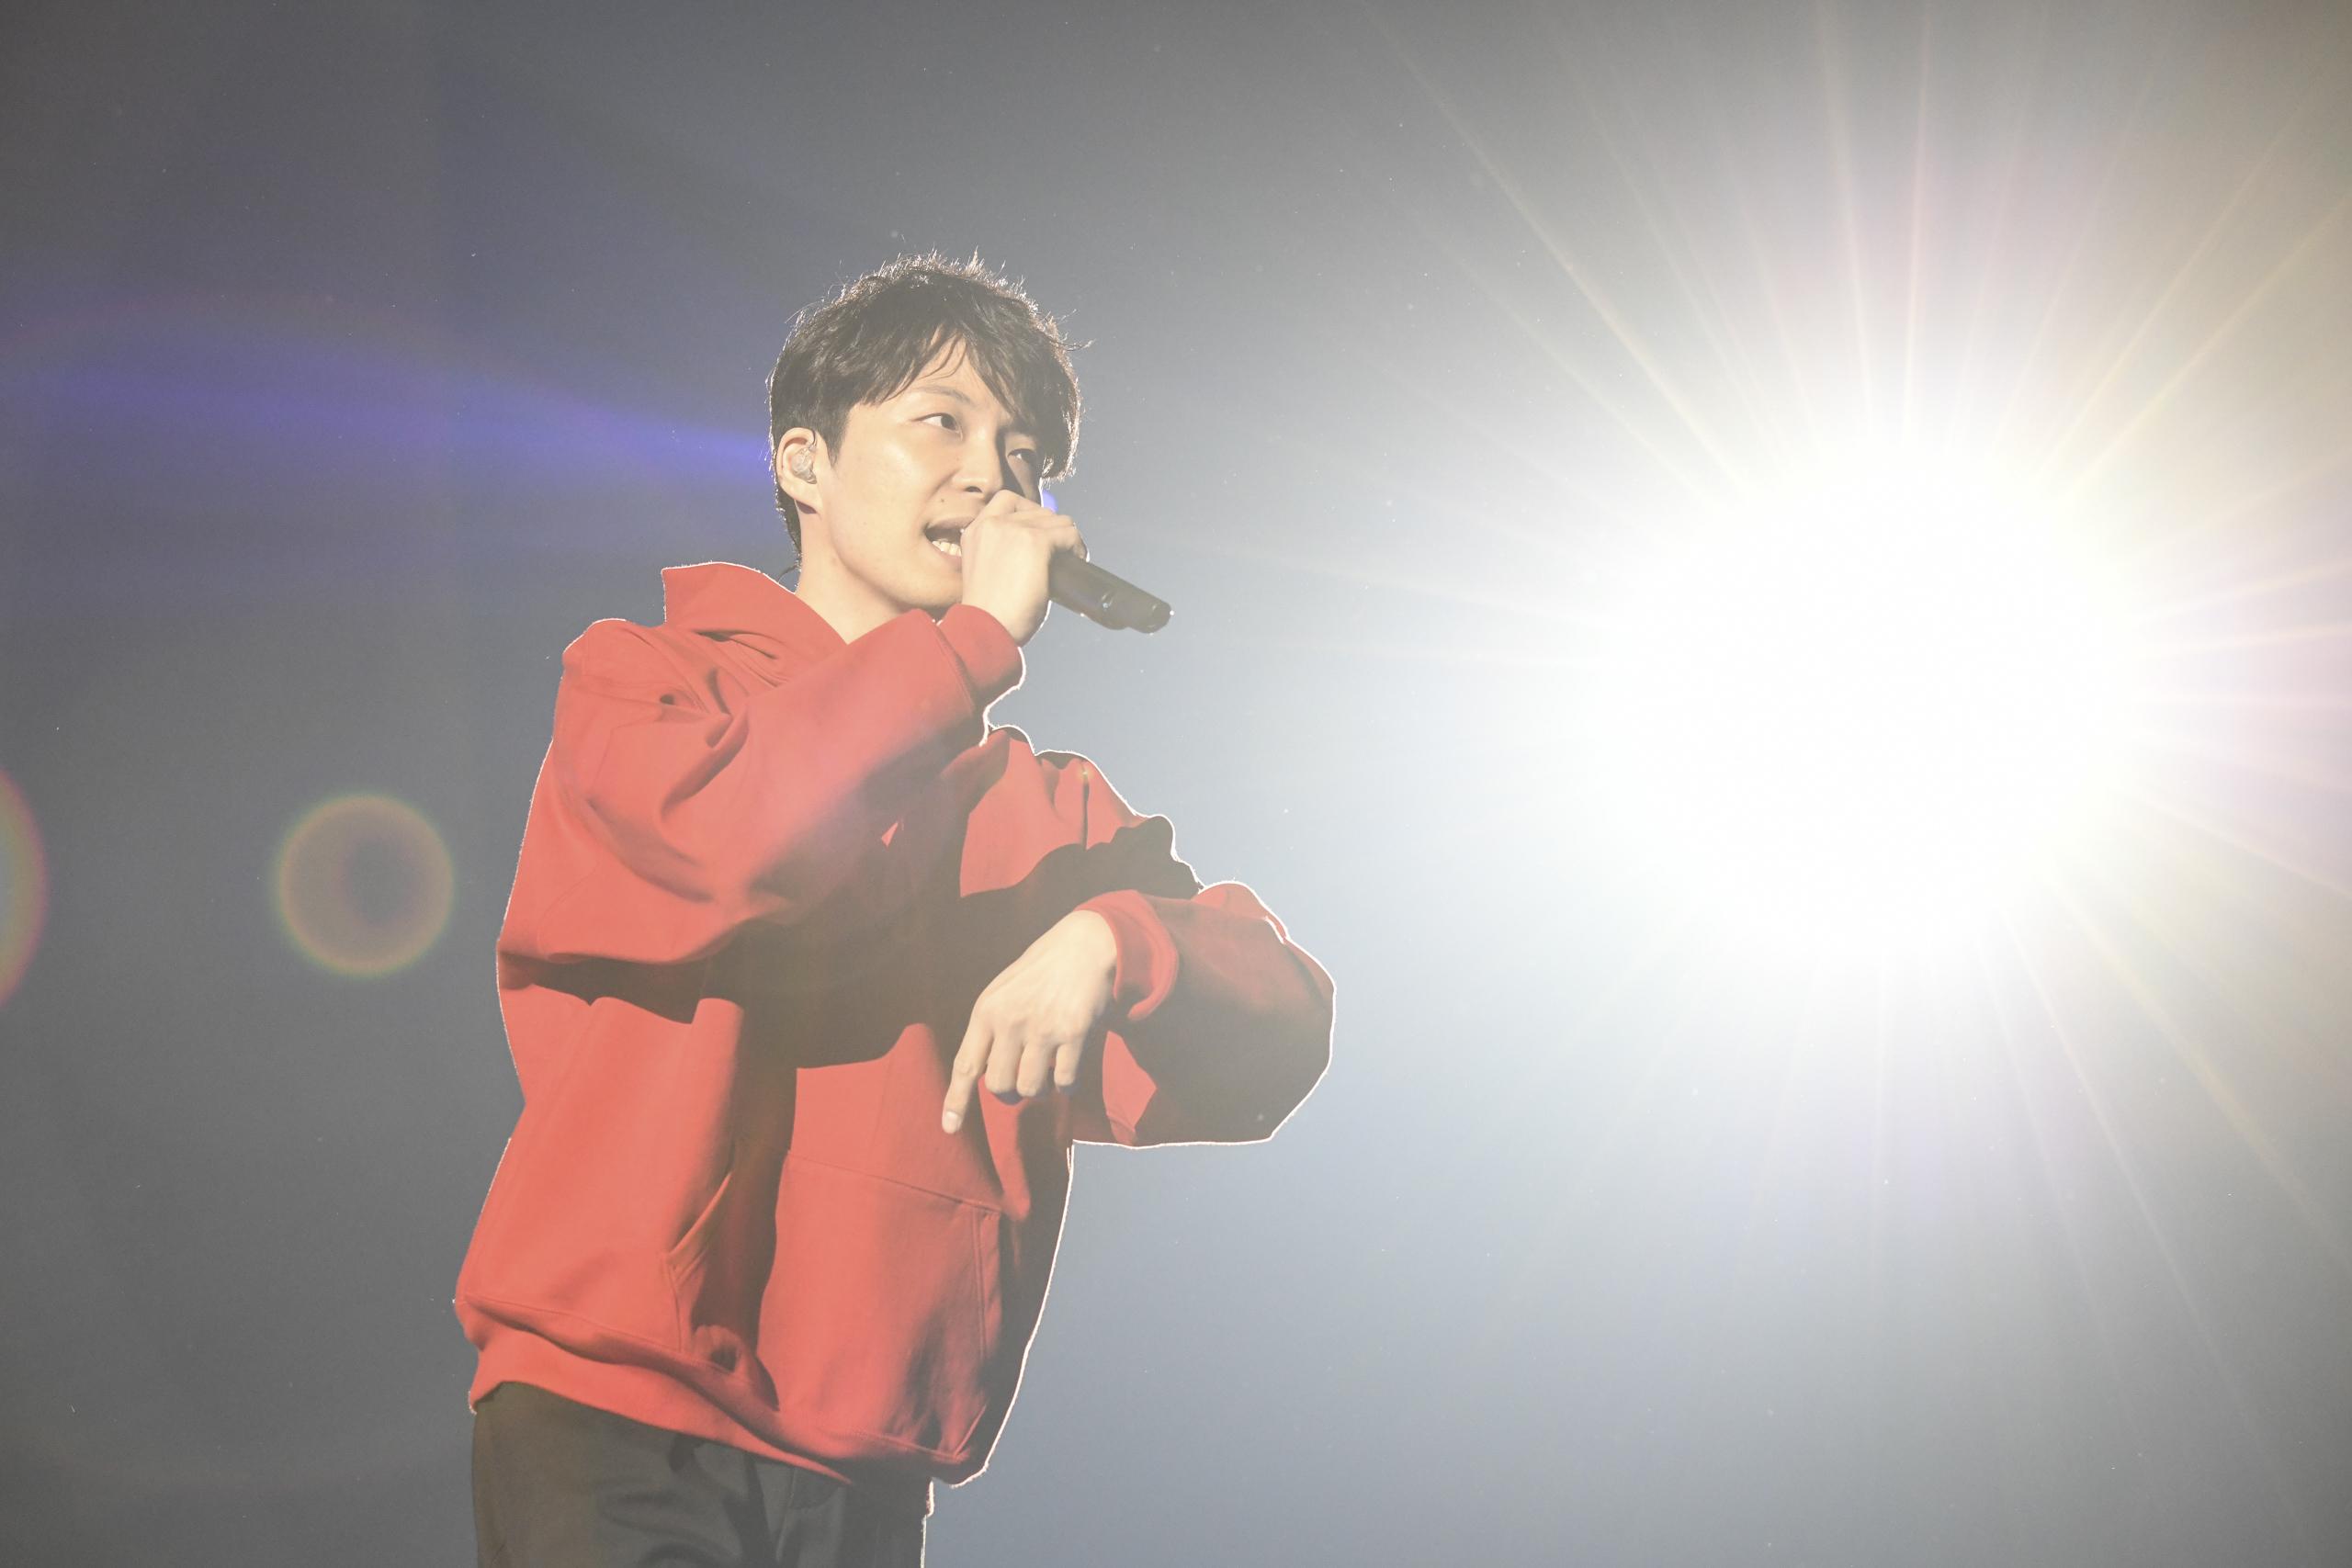 星野源 DOME TOUR 2019『POP VIRUS』京セラドーム大阪 撮影=岸田哲平